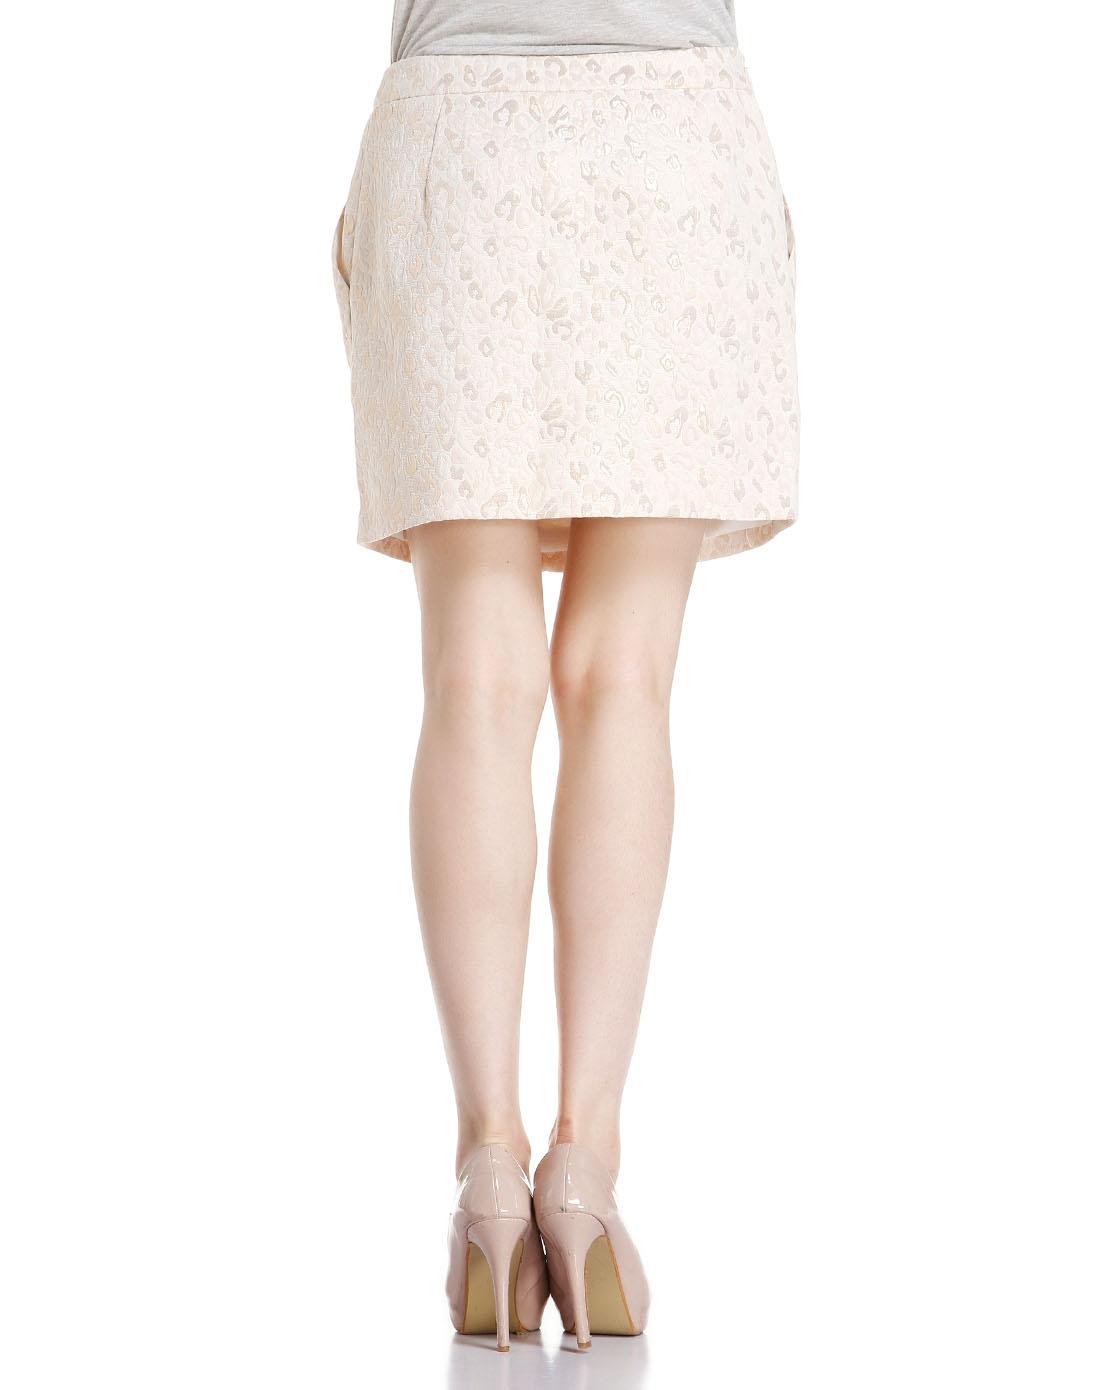 立体花纹米色包臀短裙